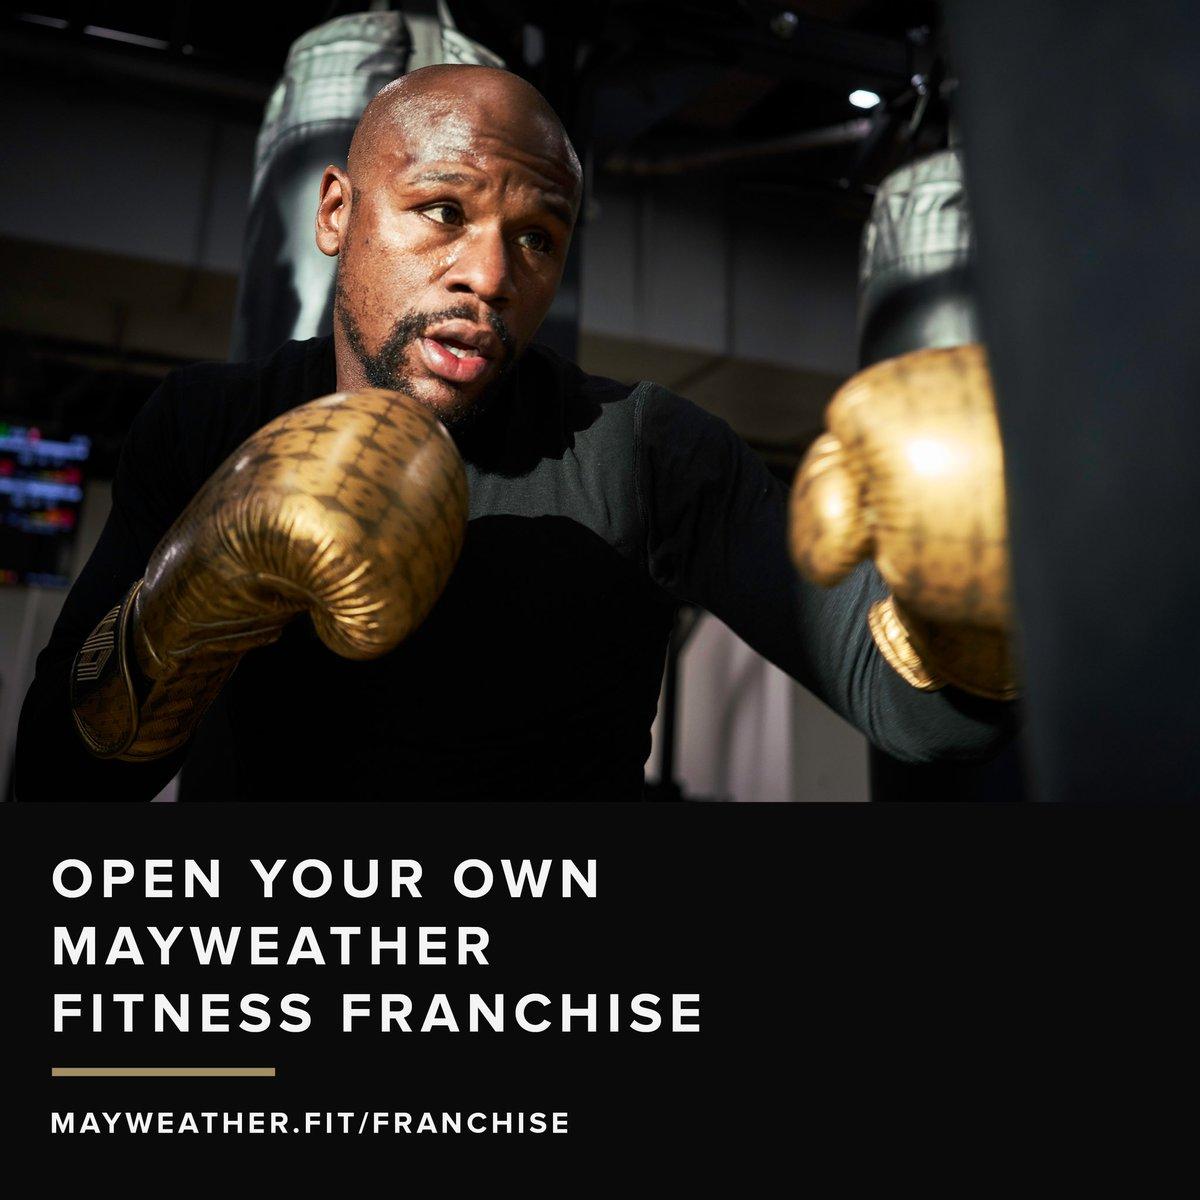 Floyd Mayweather @FloydMayweather